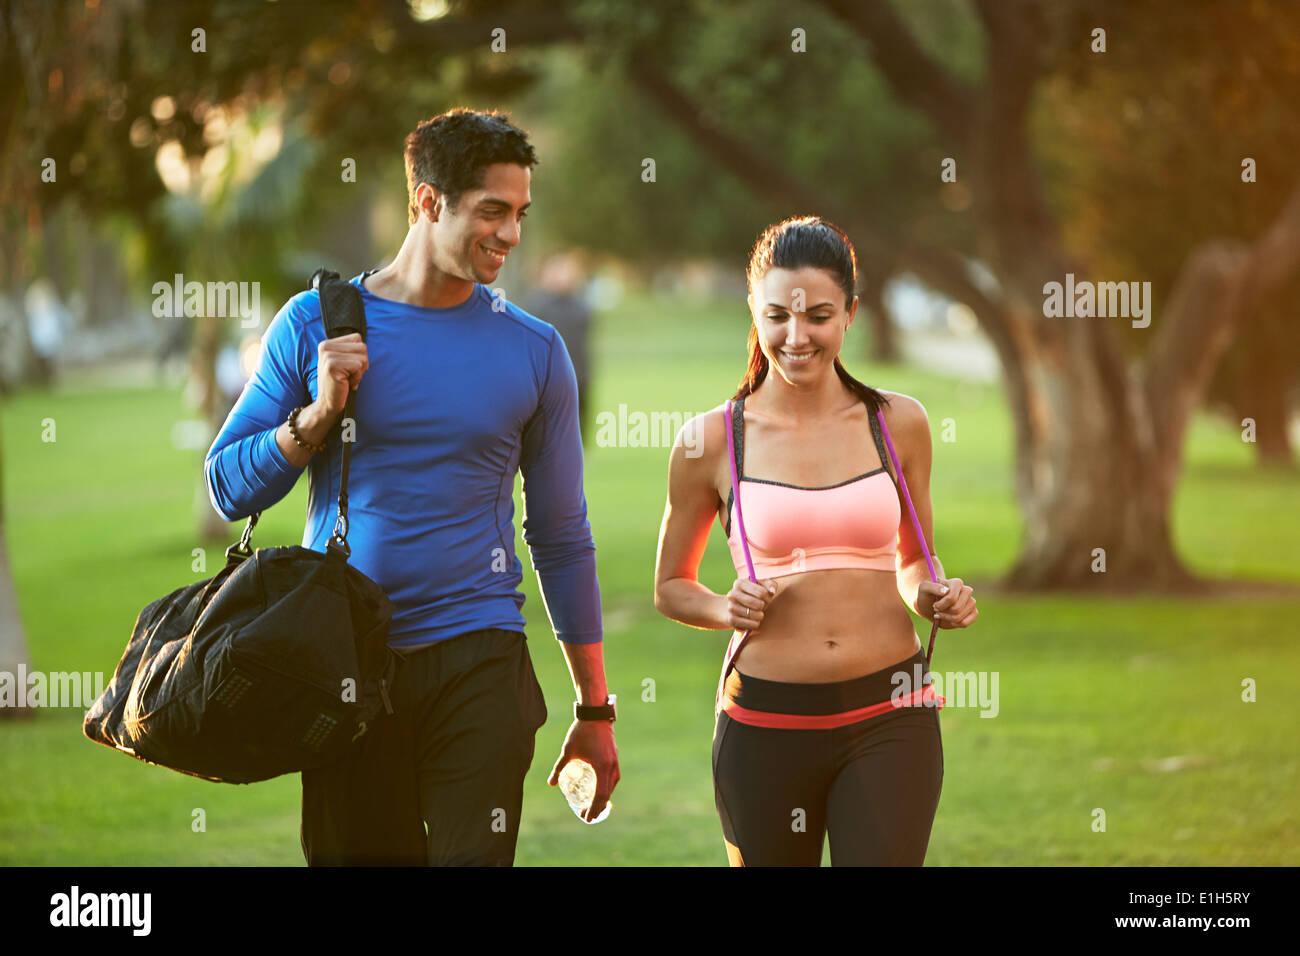 Hombre y mujer vistiendo ropa deportiva paseando por park Imagen De Stock